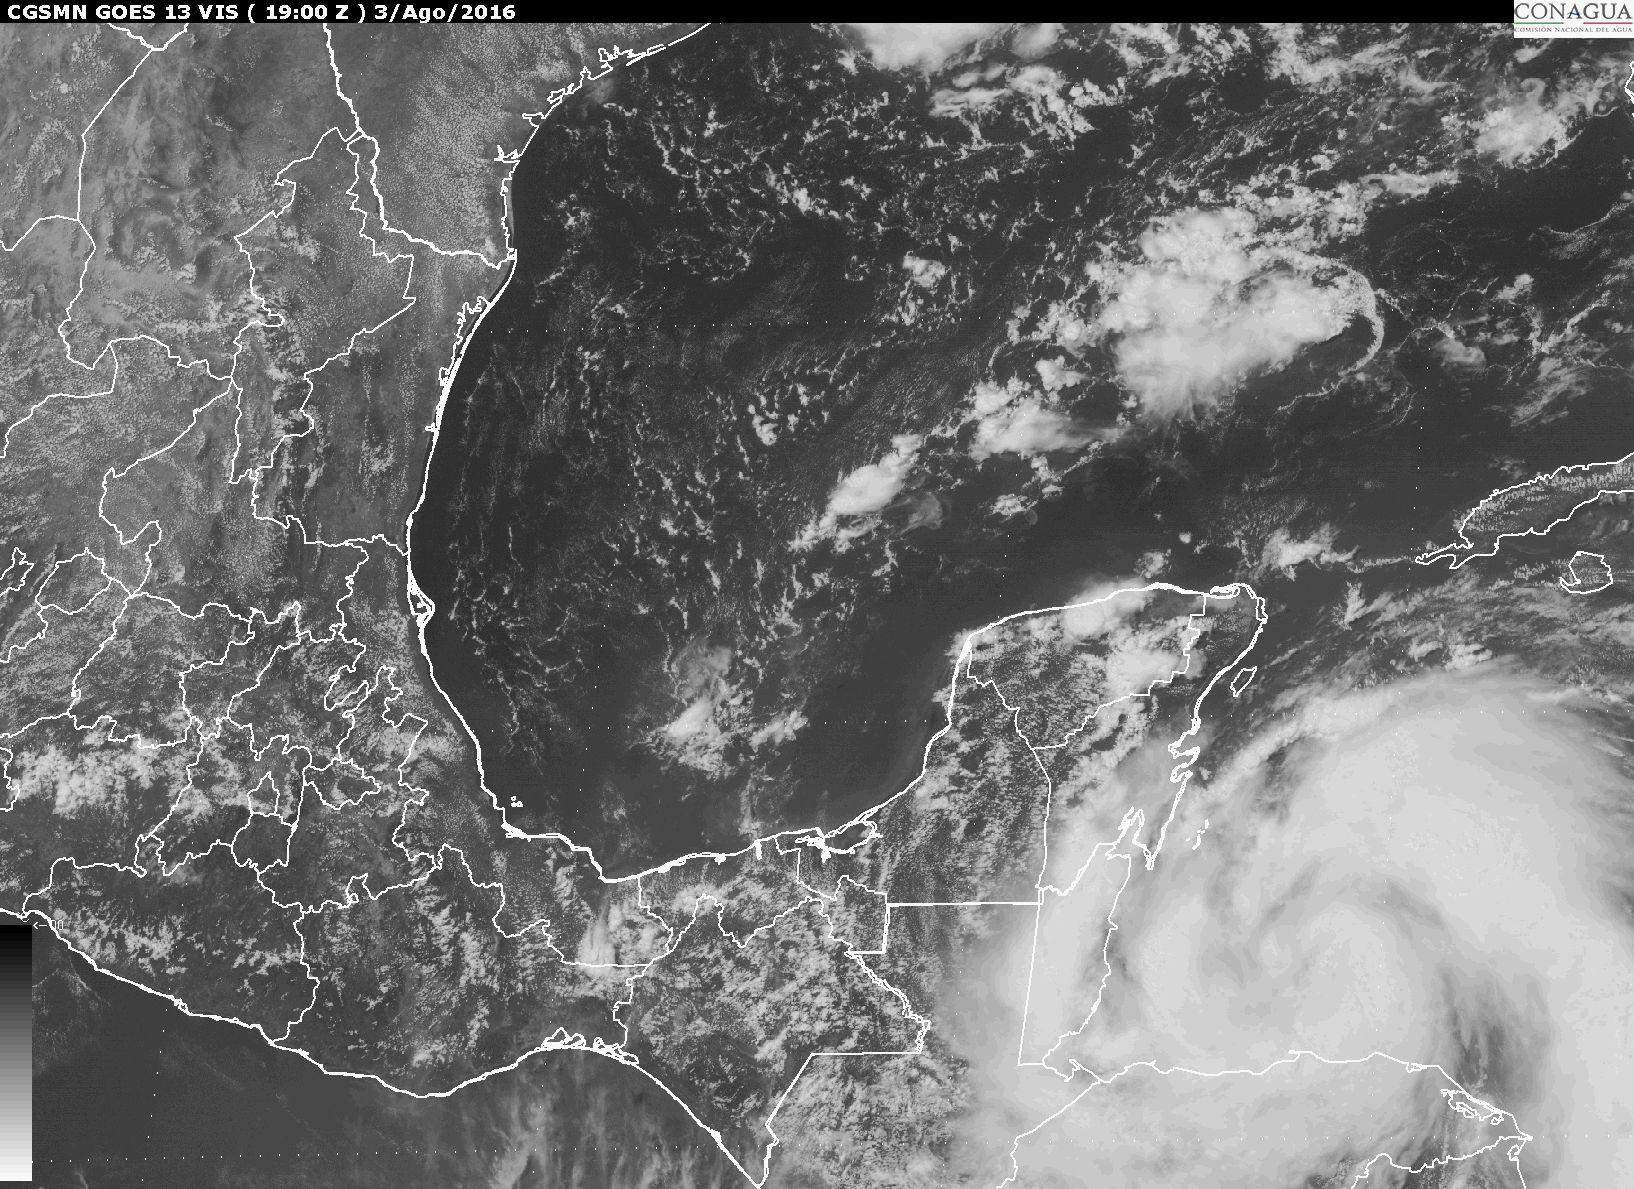 Imagen de satélite de la Península de Yucatán y el Golfo de México